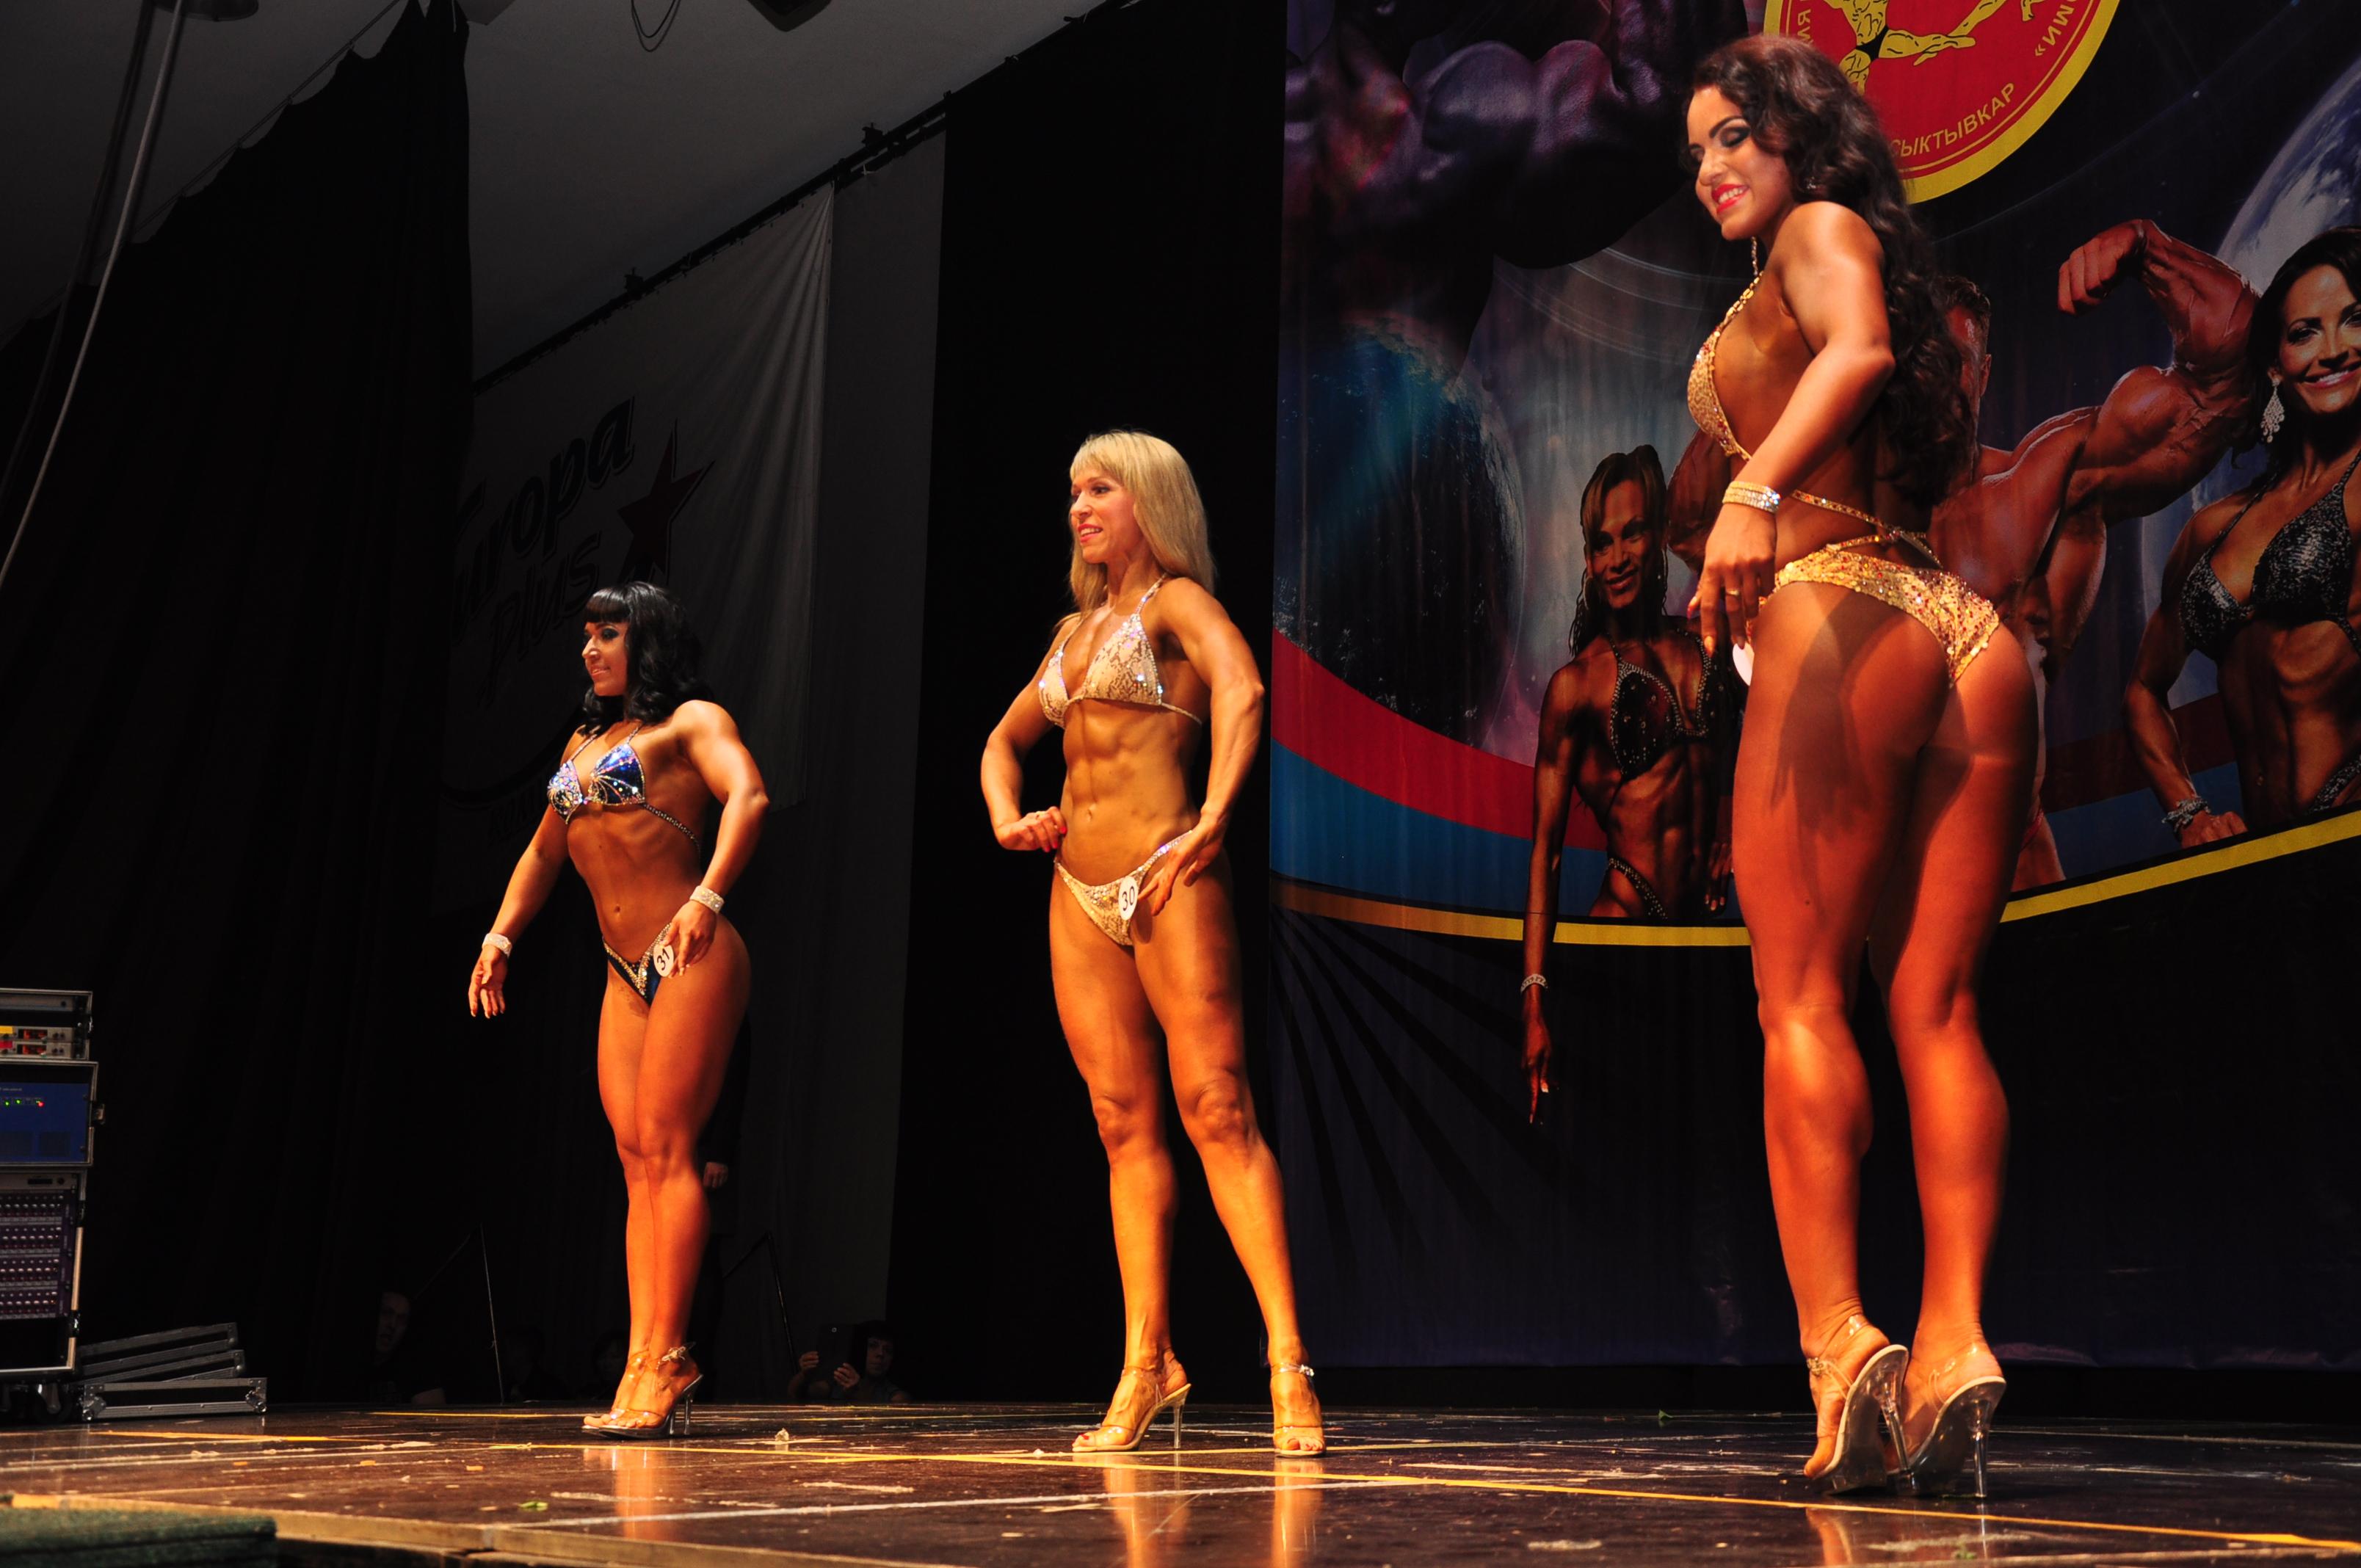 Фото девушки с огромными мышцами